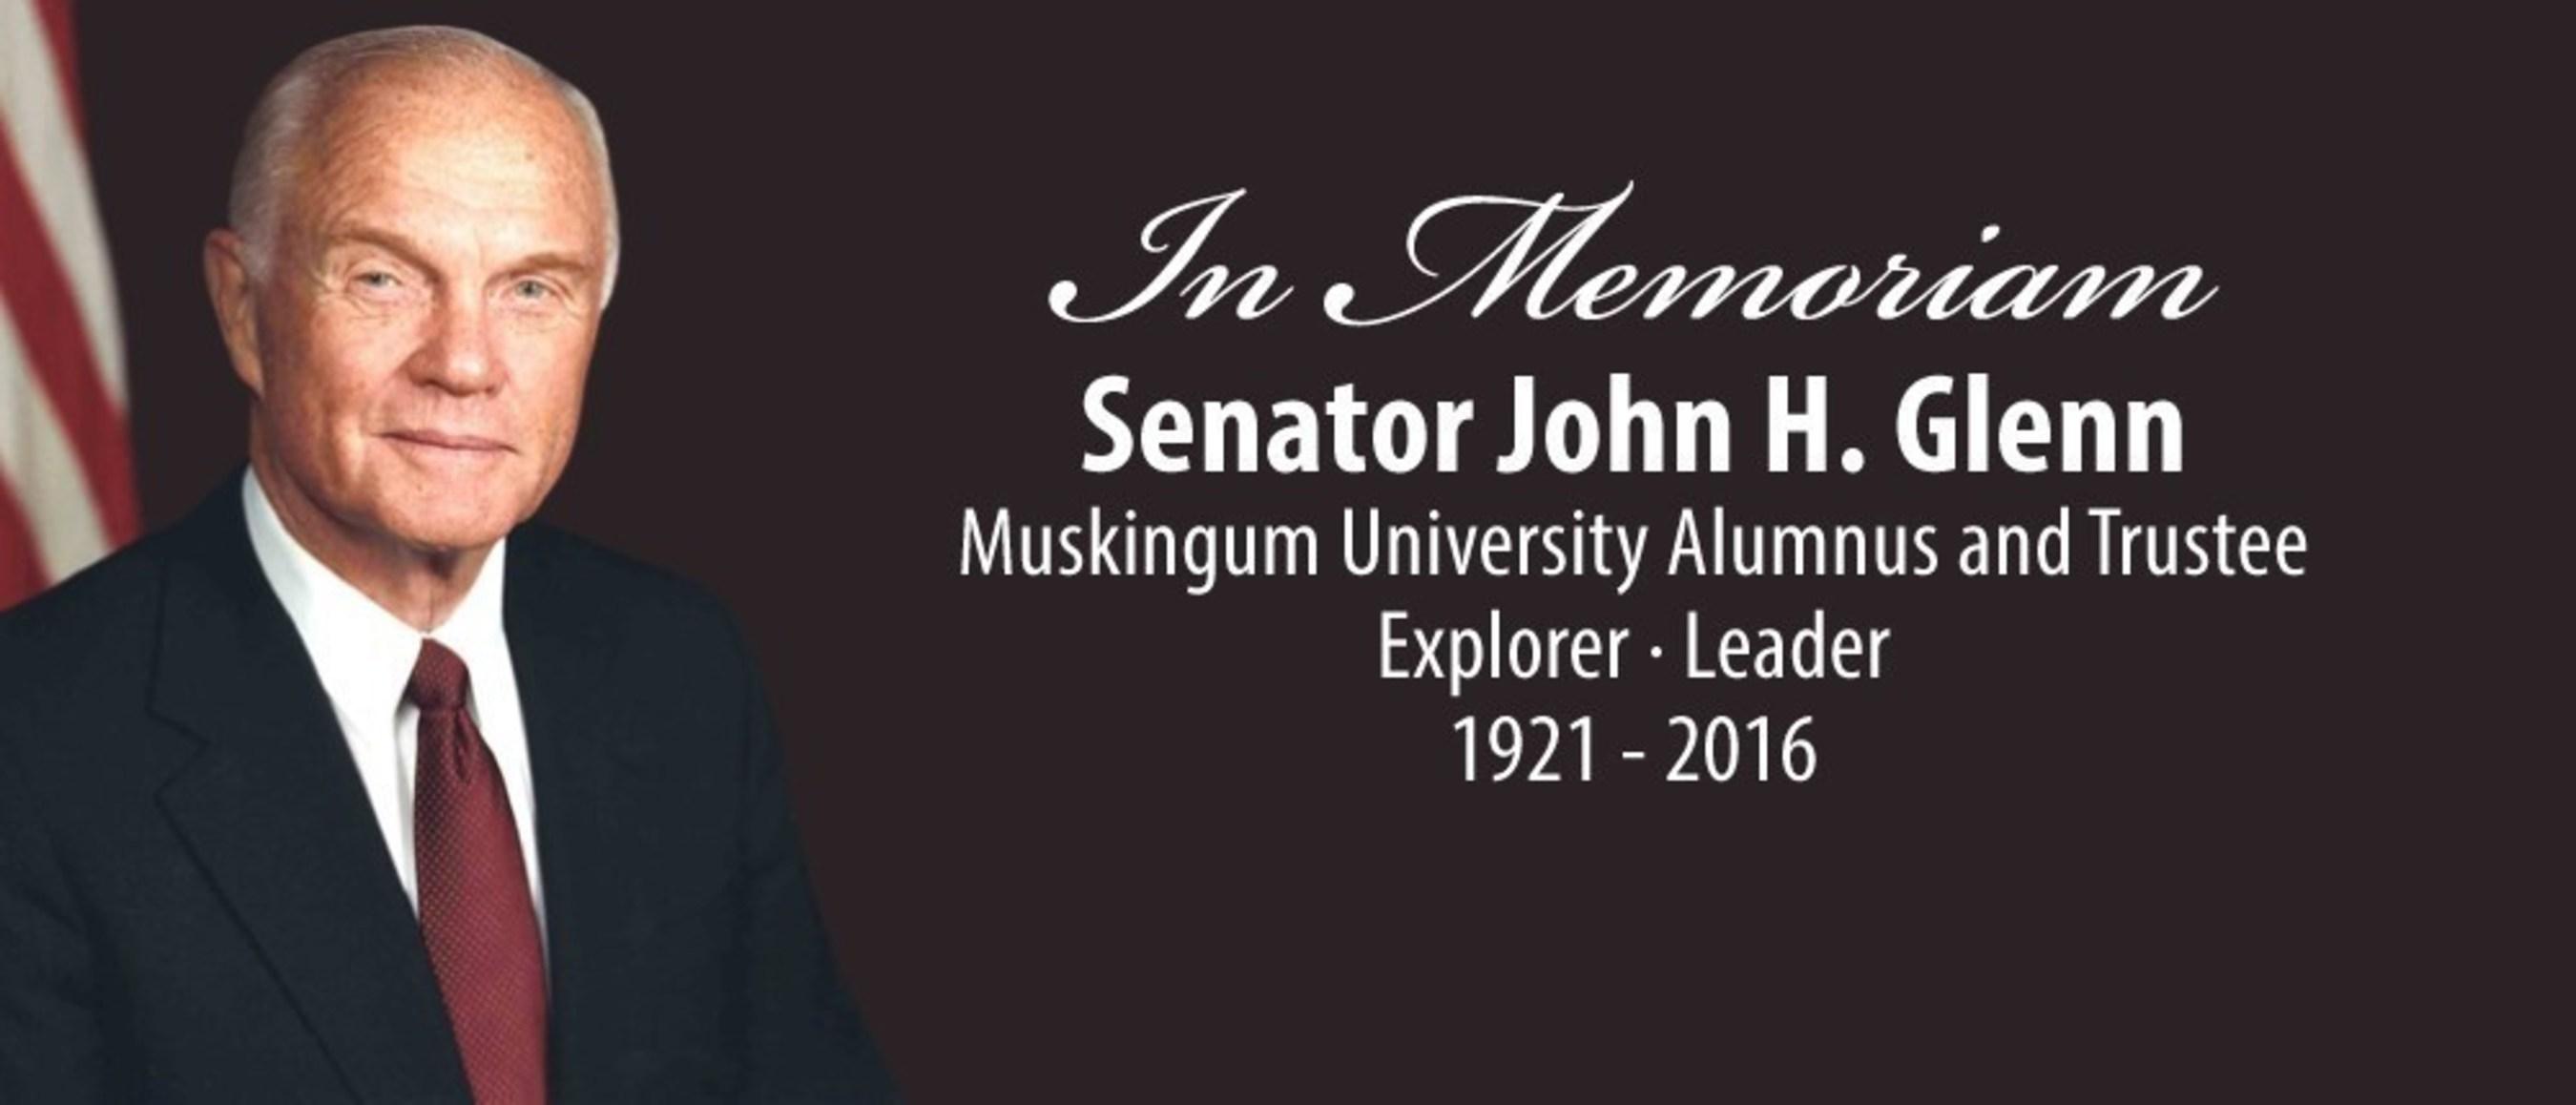 In Memoriam - Muskingum University Alumnus and Trustee John H. Glenn